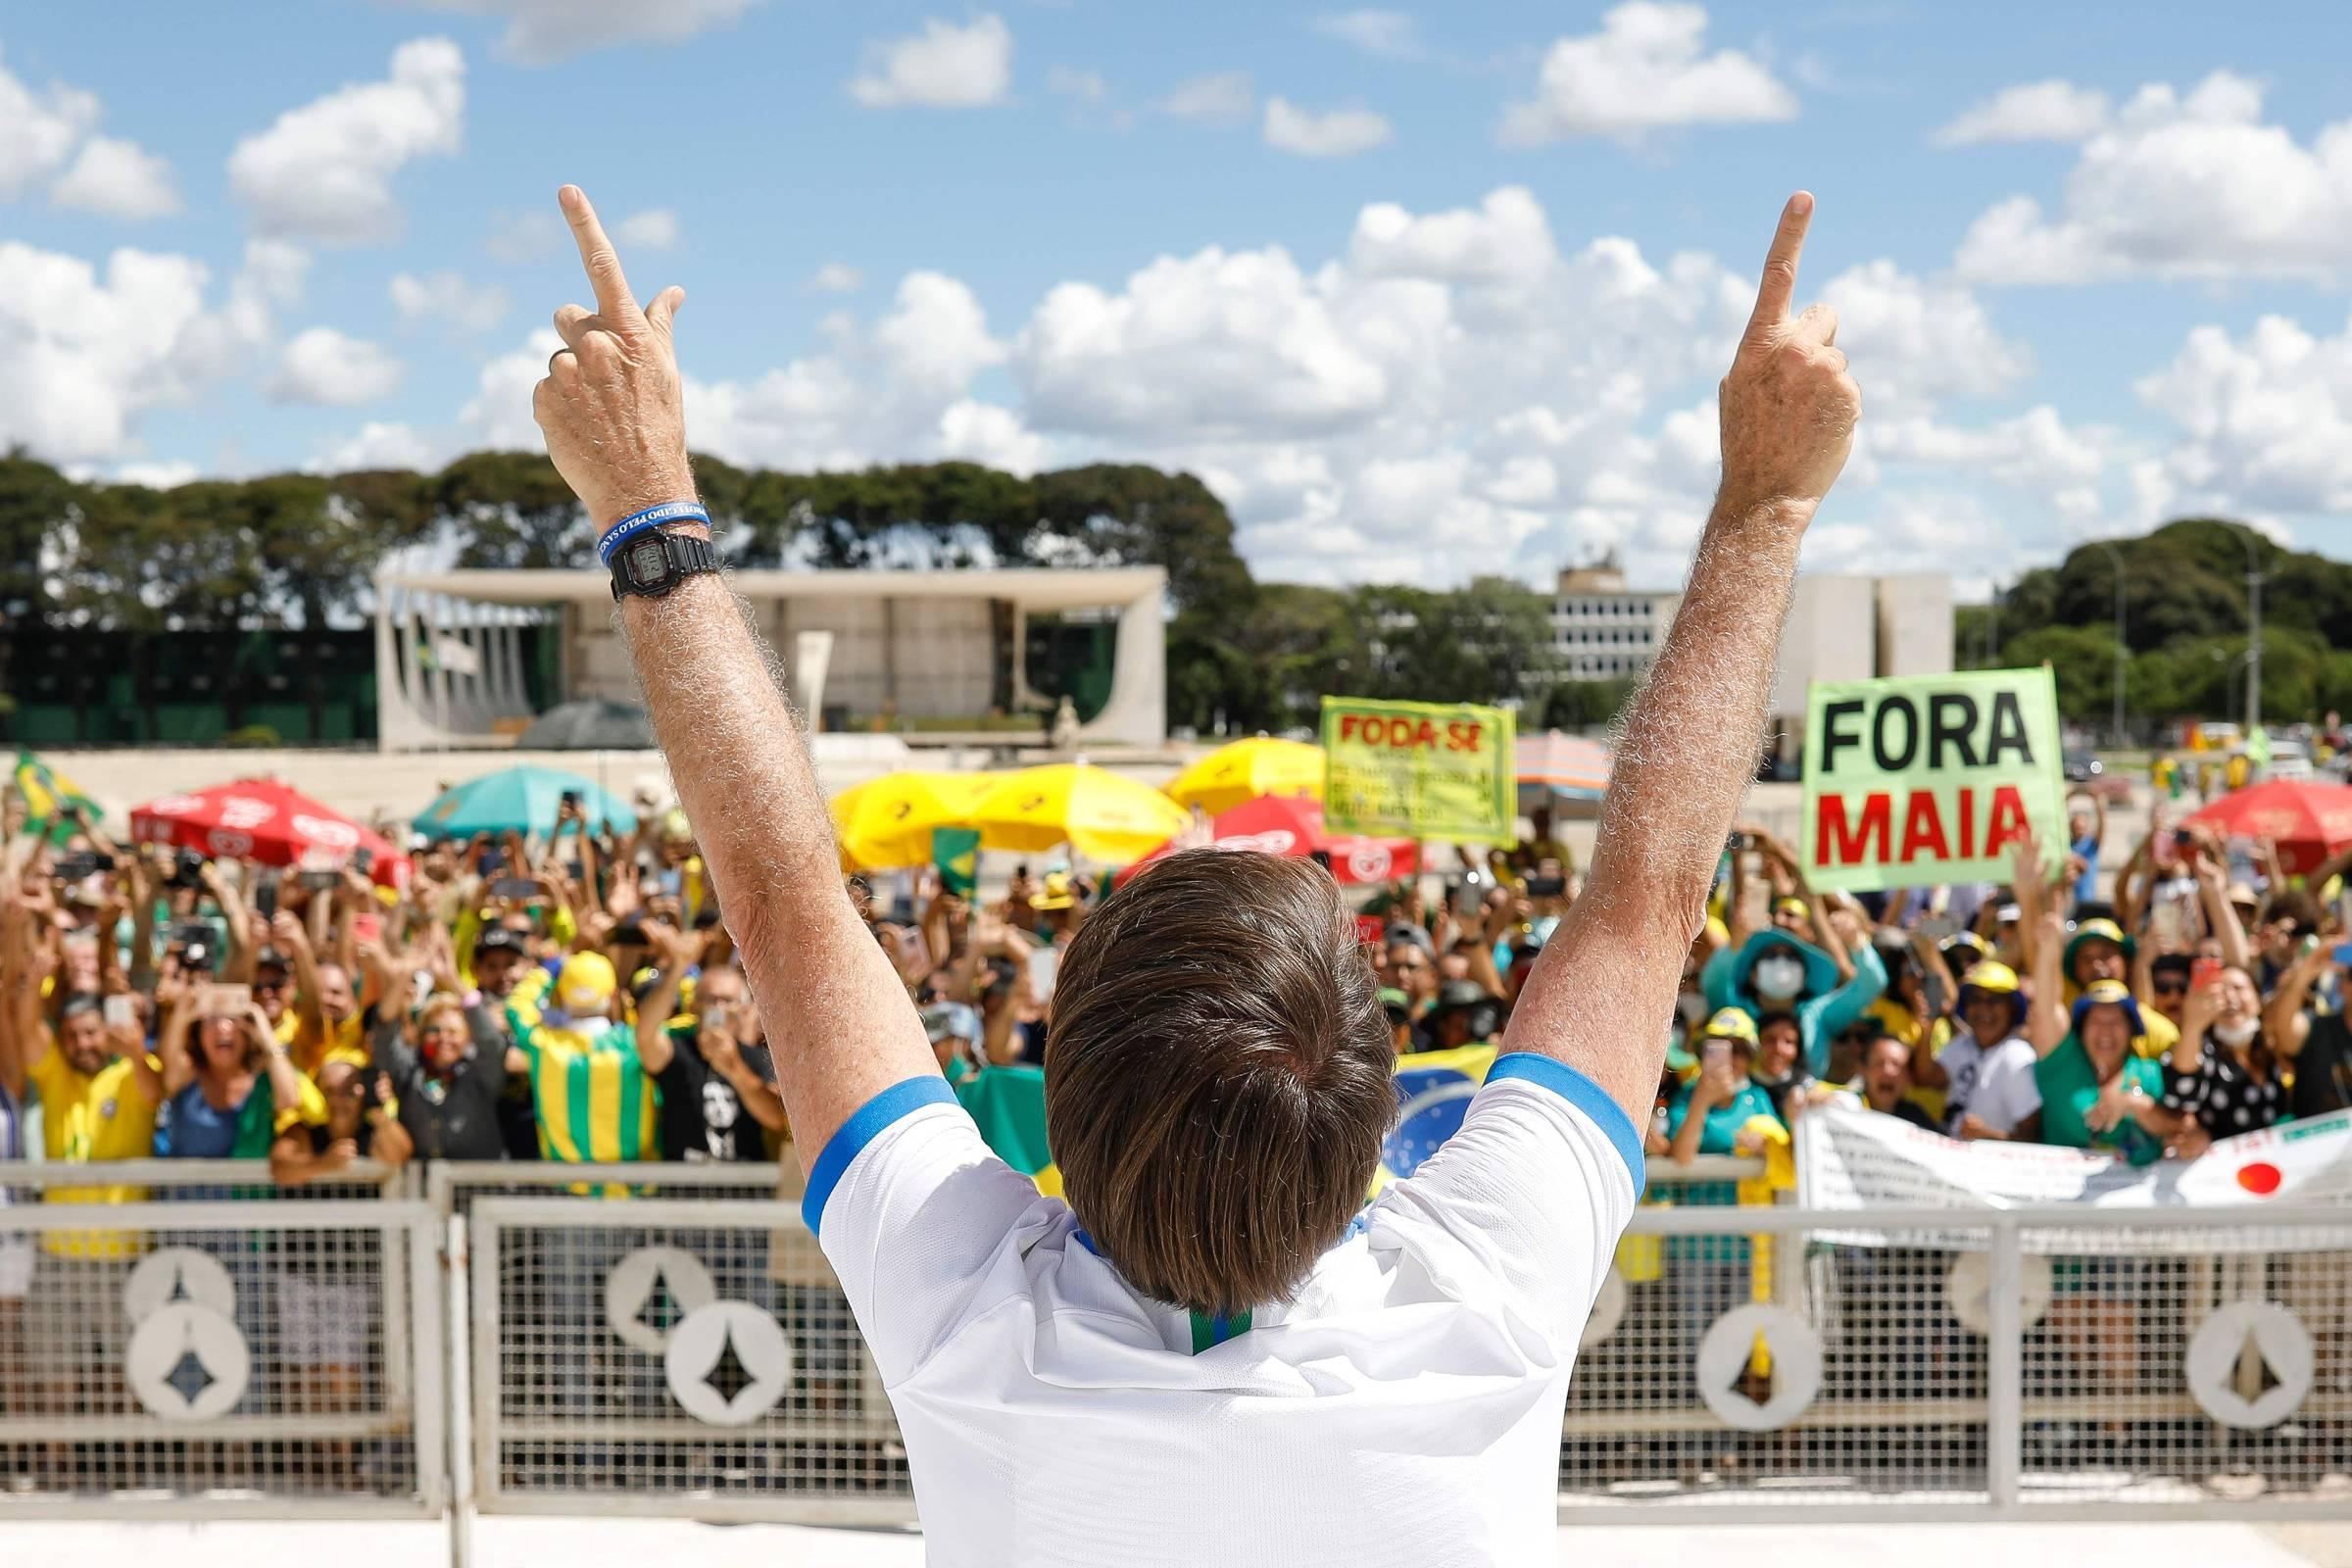 Após pressão de Bolsonar, Pazuello libera funcionários que assinaram nota sobre saúde da mulher - 06/05/2020 - Painel